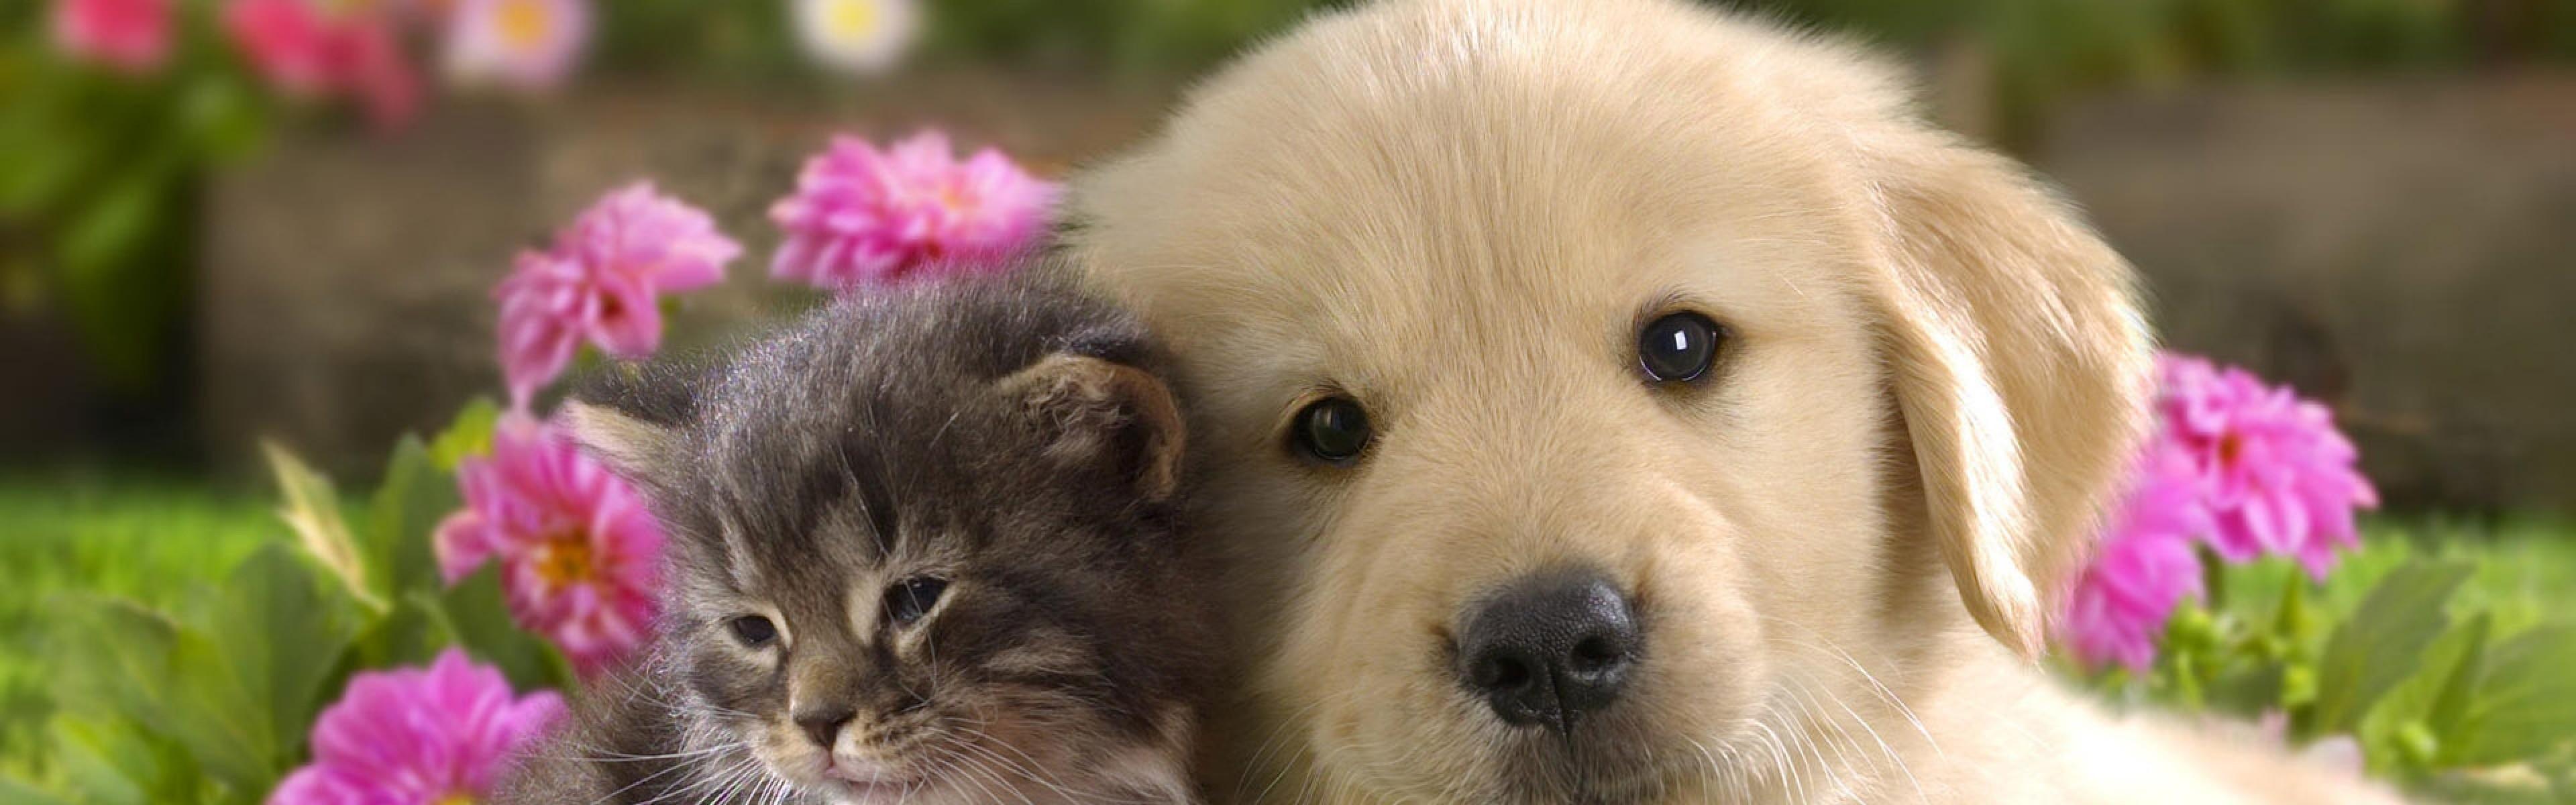 Download Wallpaper Puppy, Kitten, Grass, Flowers, Couple .